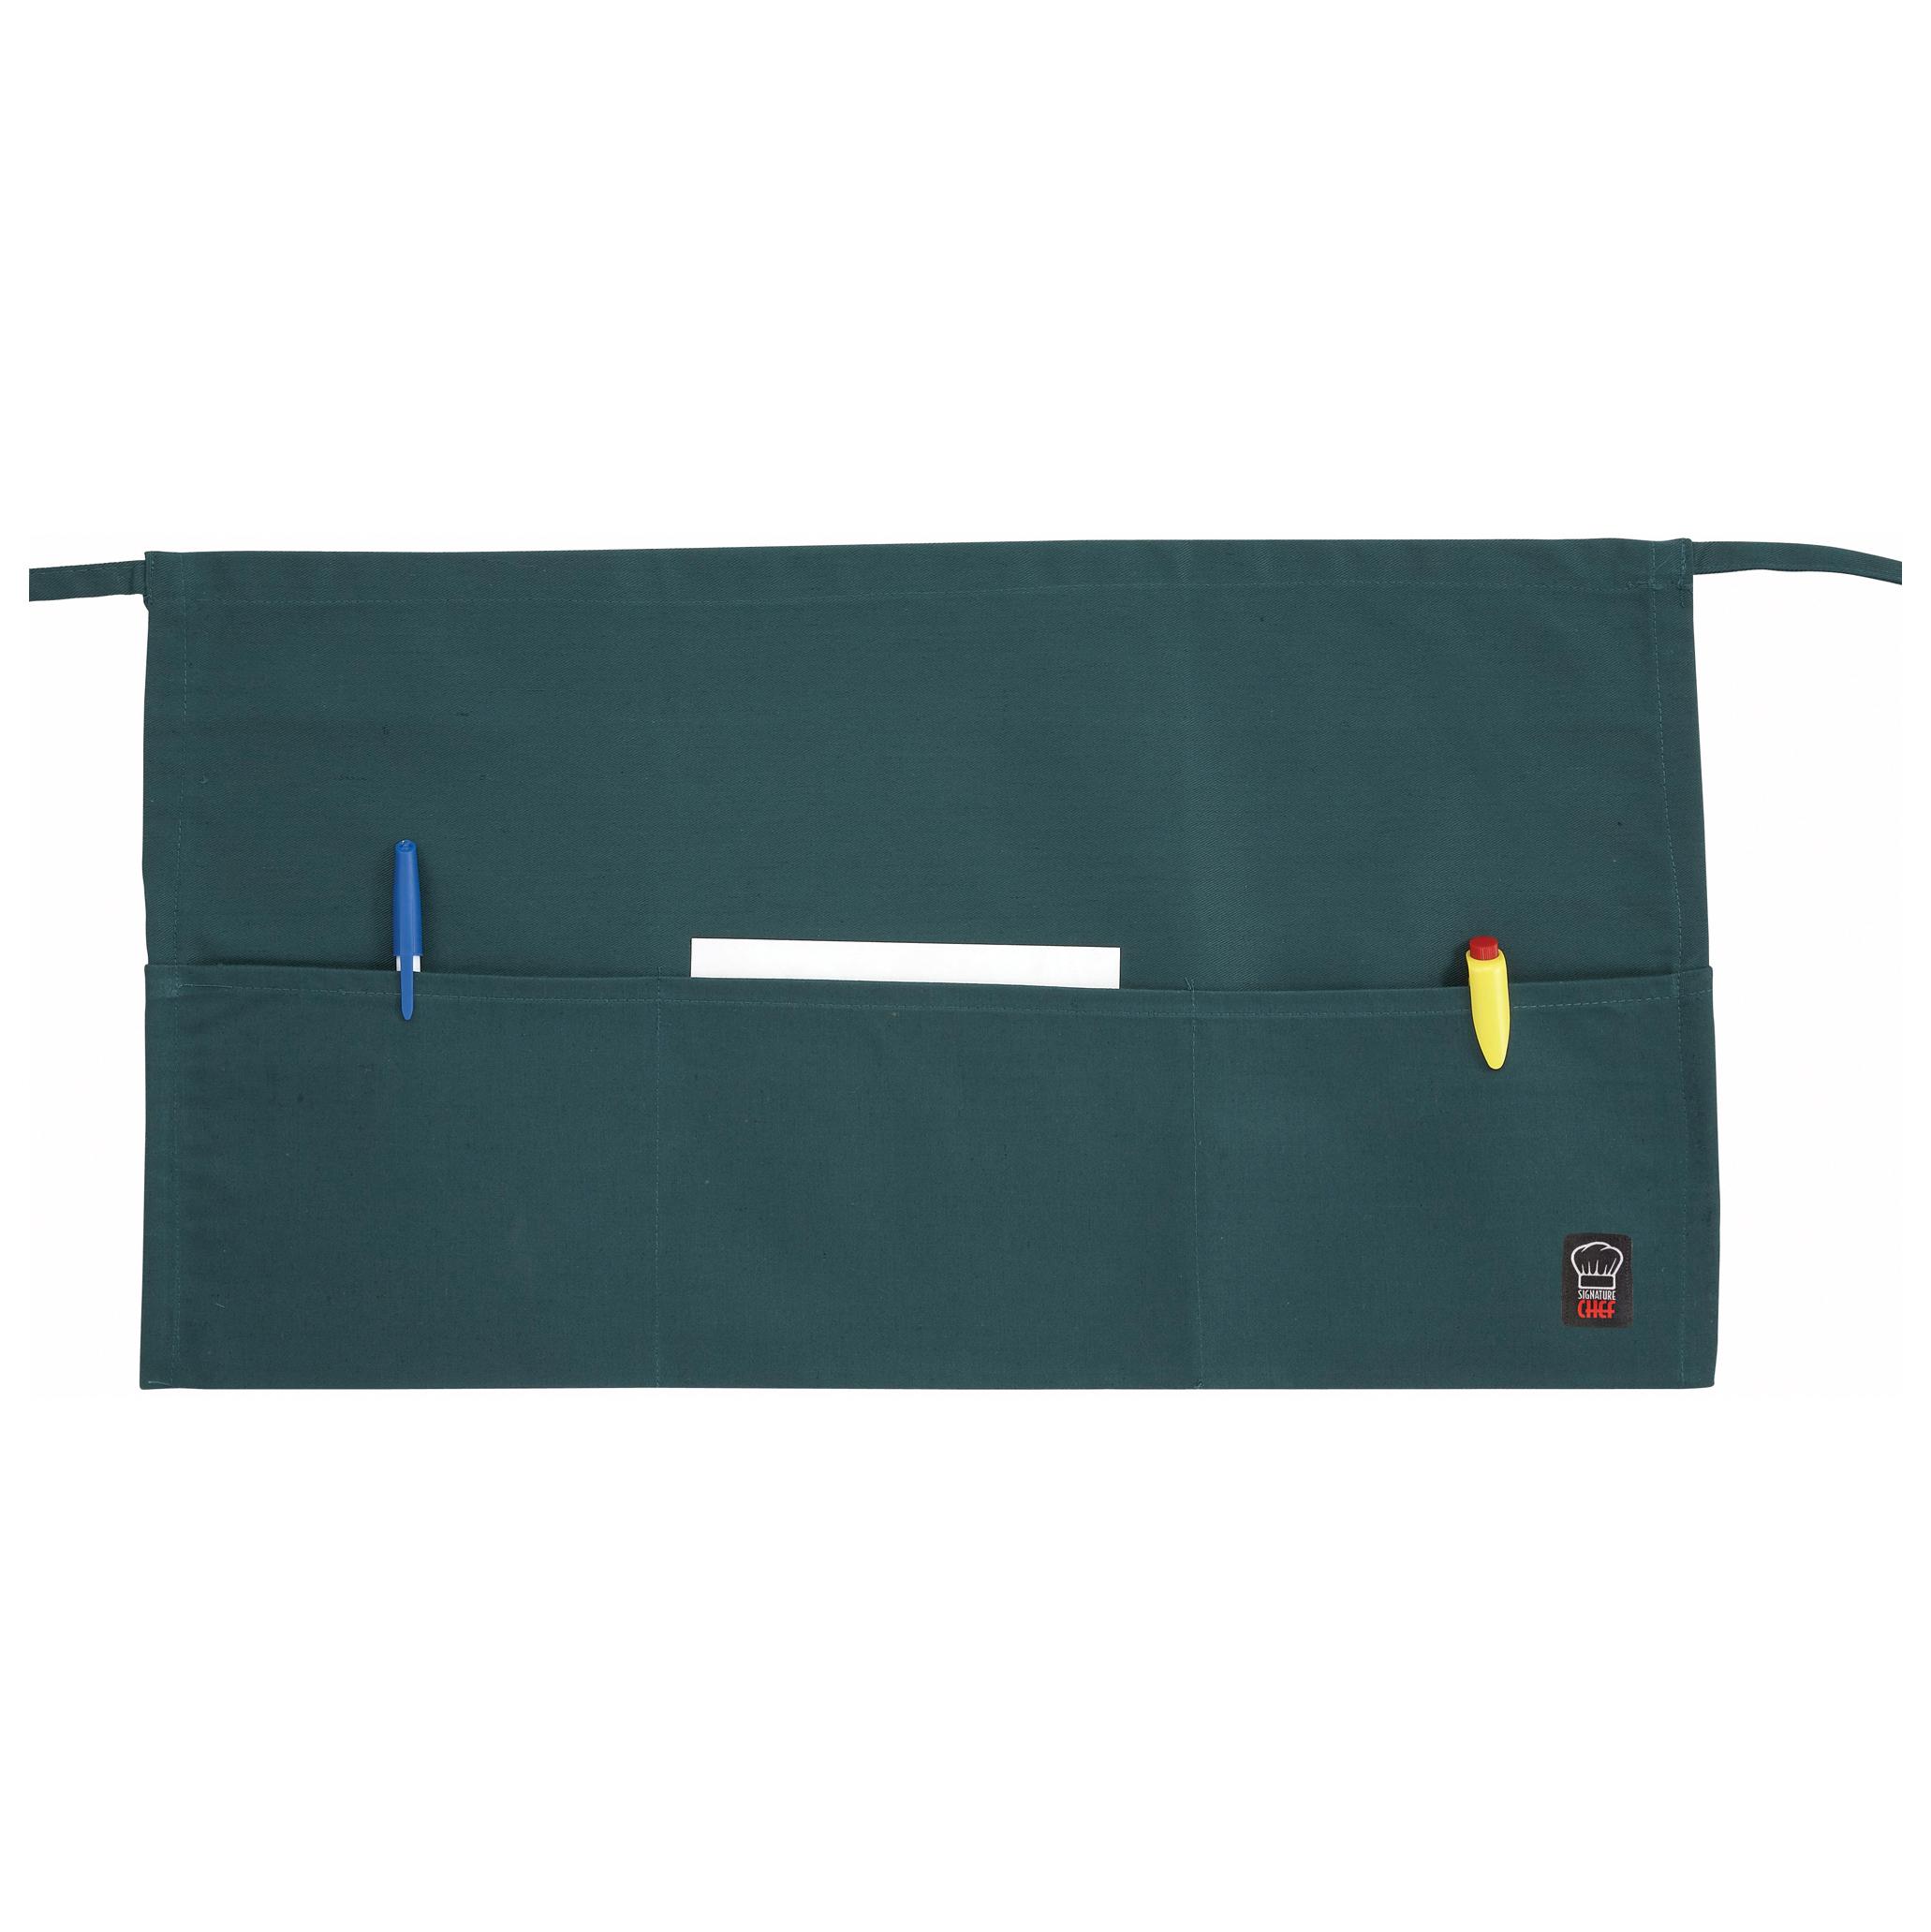 Winco WA-1221G waist apron